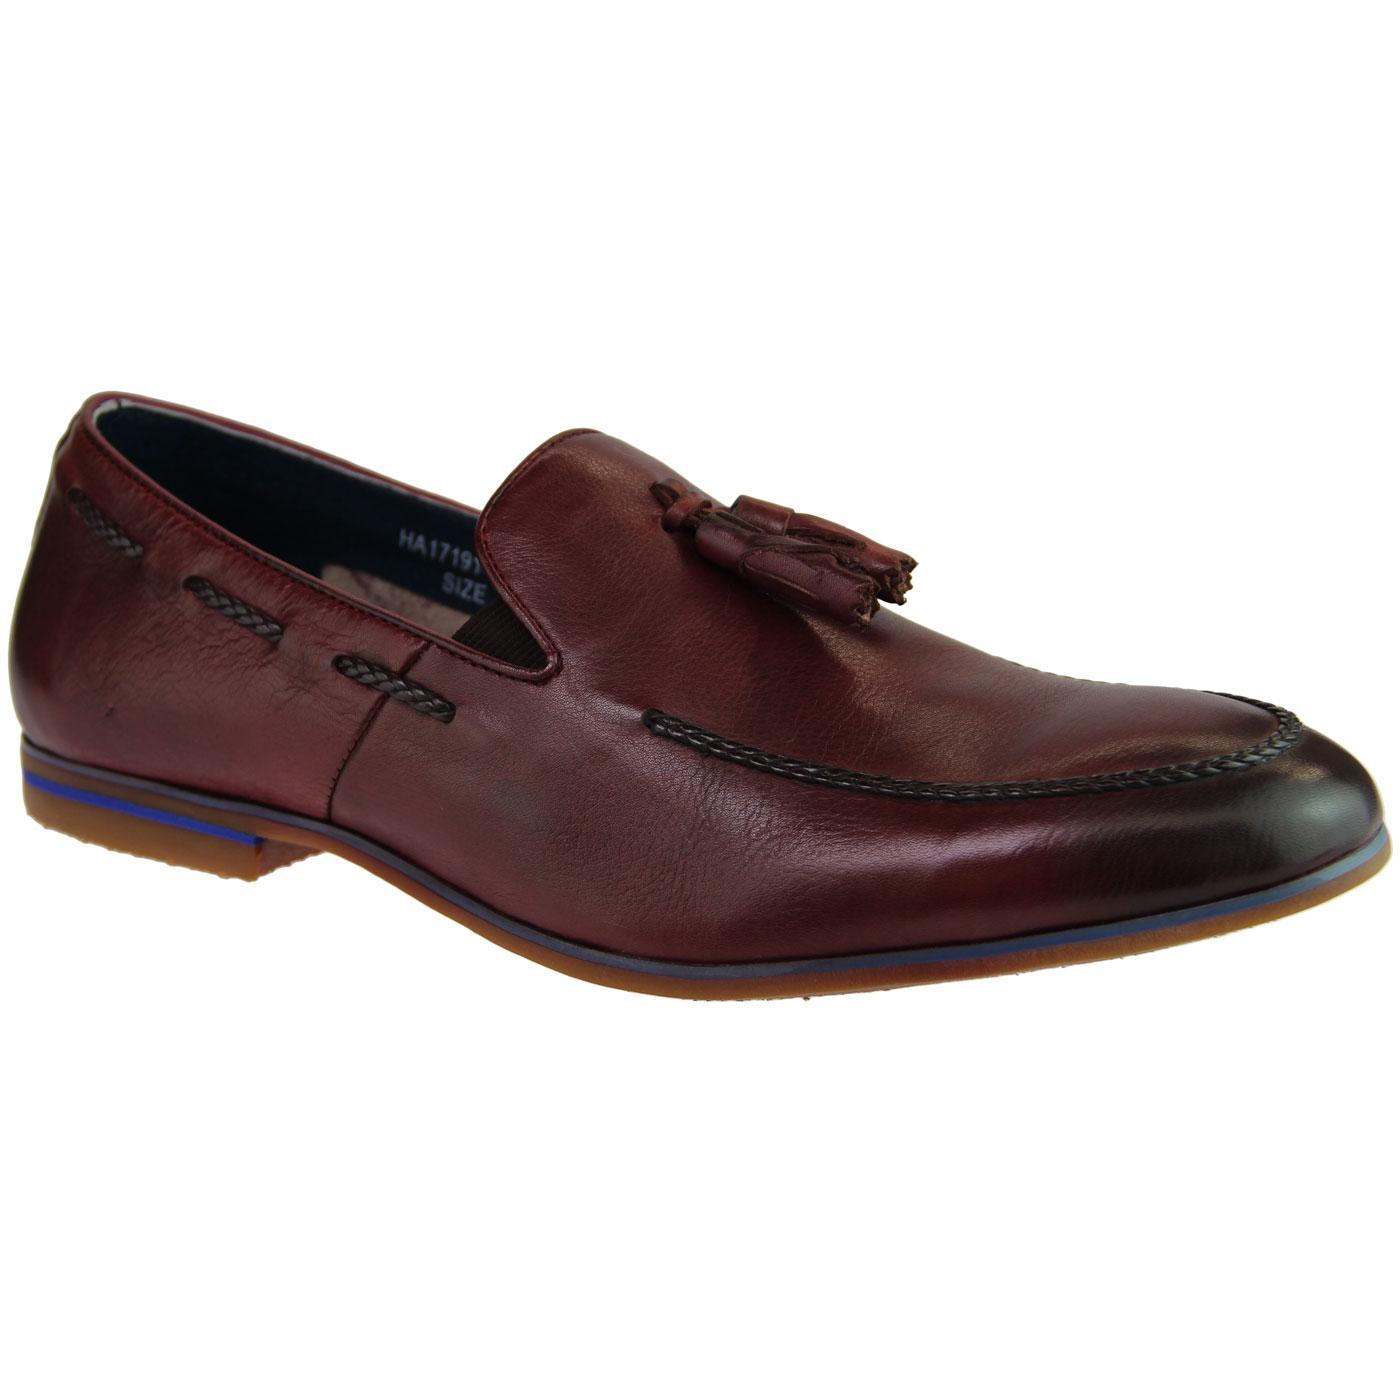 Pierro SERGIO DULETTI Retro Mod Tassel Loafers (W)